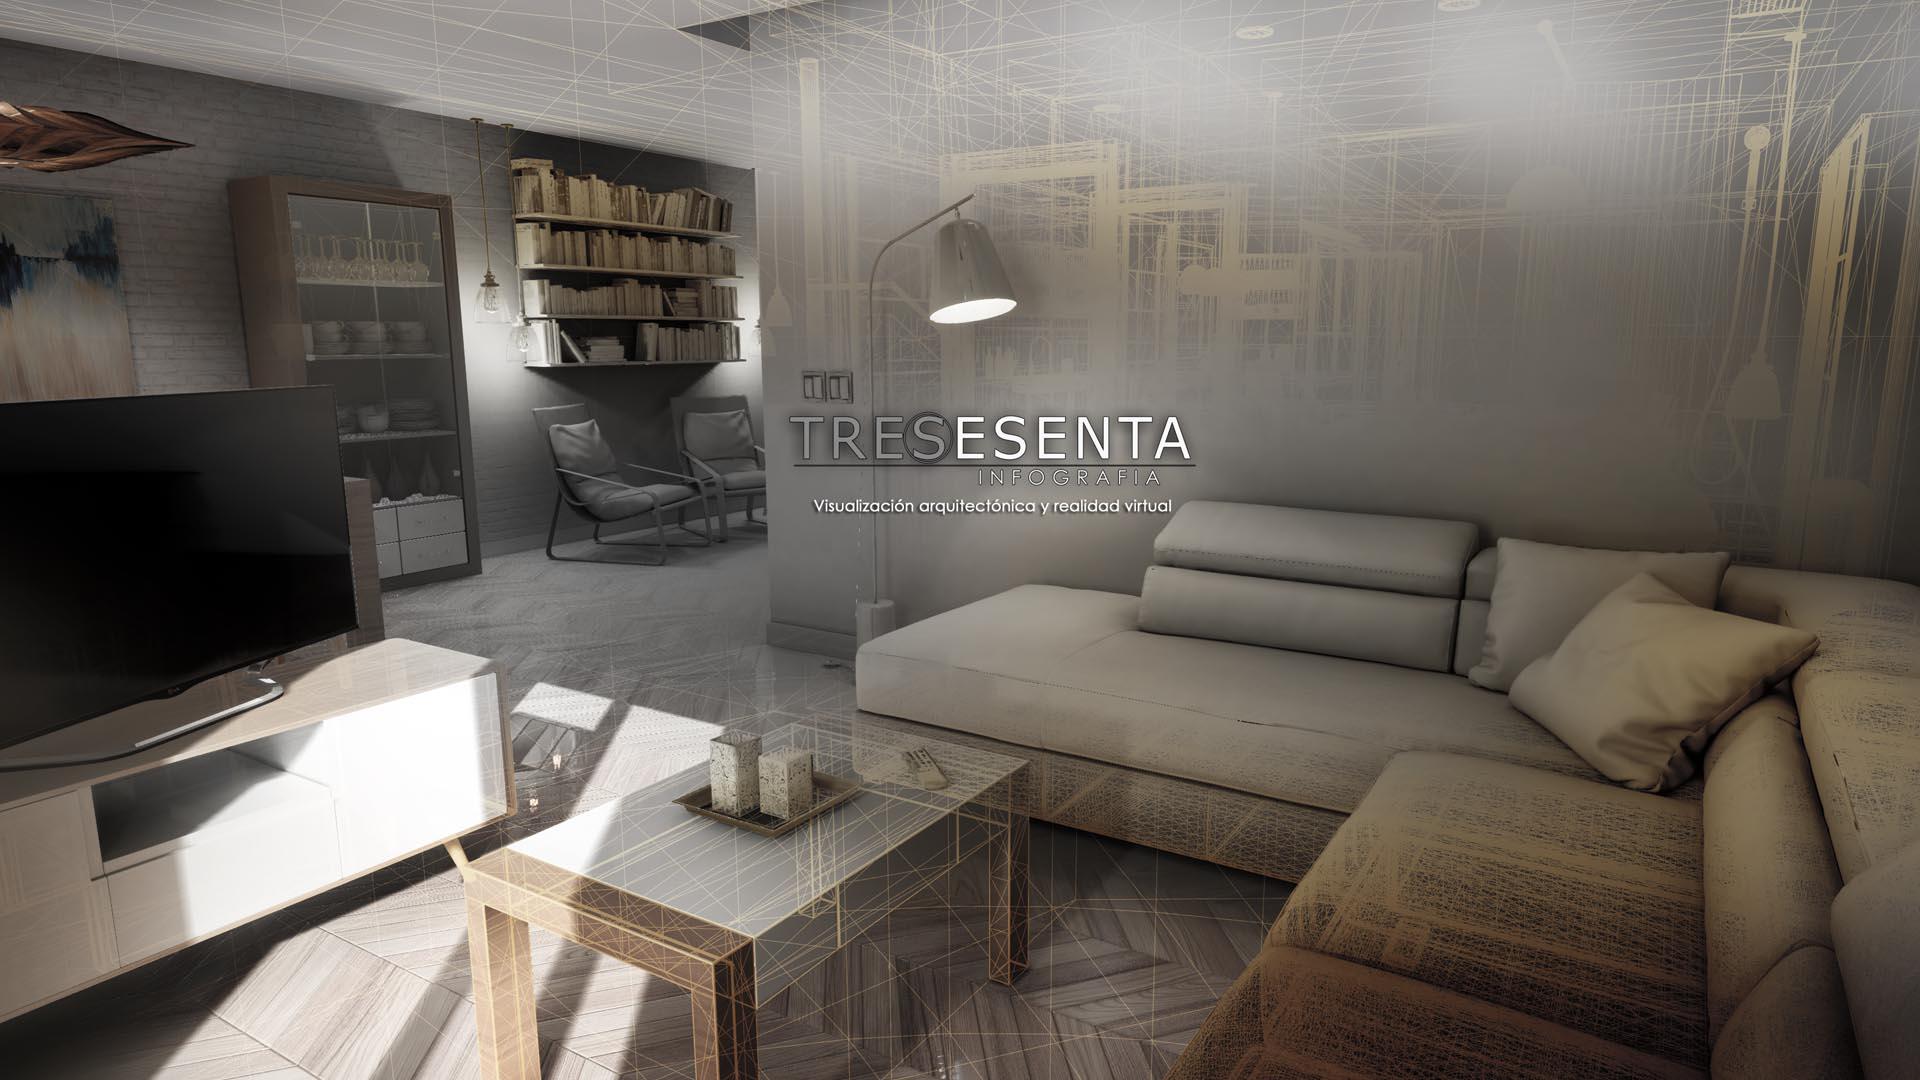 360 Infografia. INFOGRAFIA 3D